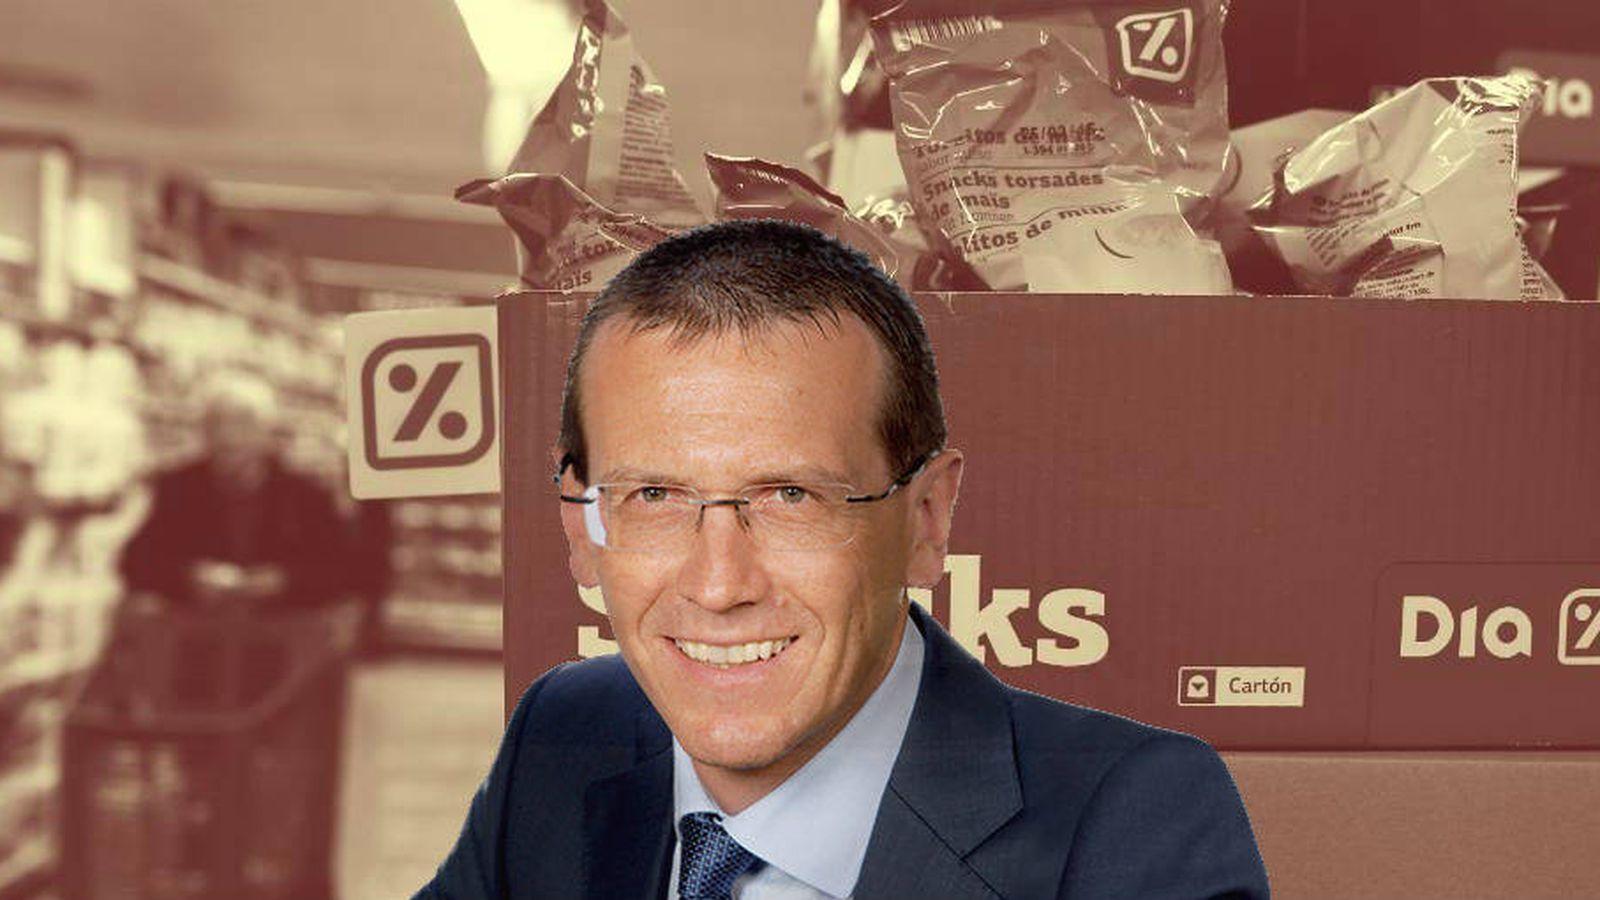 Foto: Karl-Heinz Holland, CEO de DIA (EC)